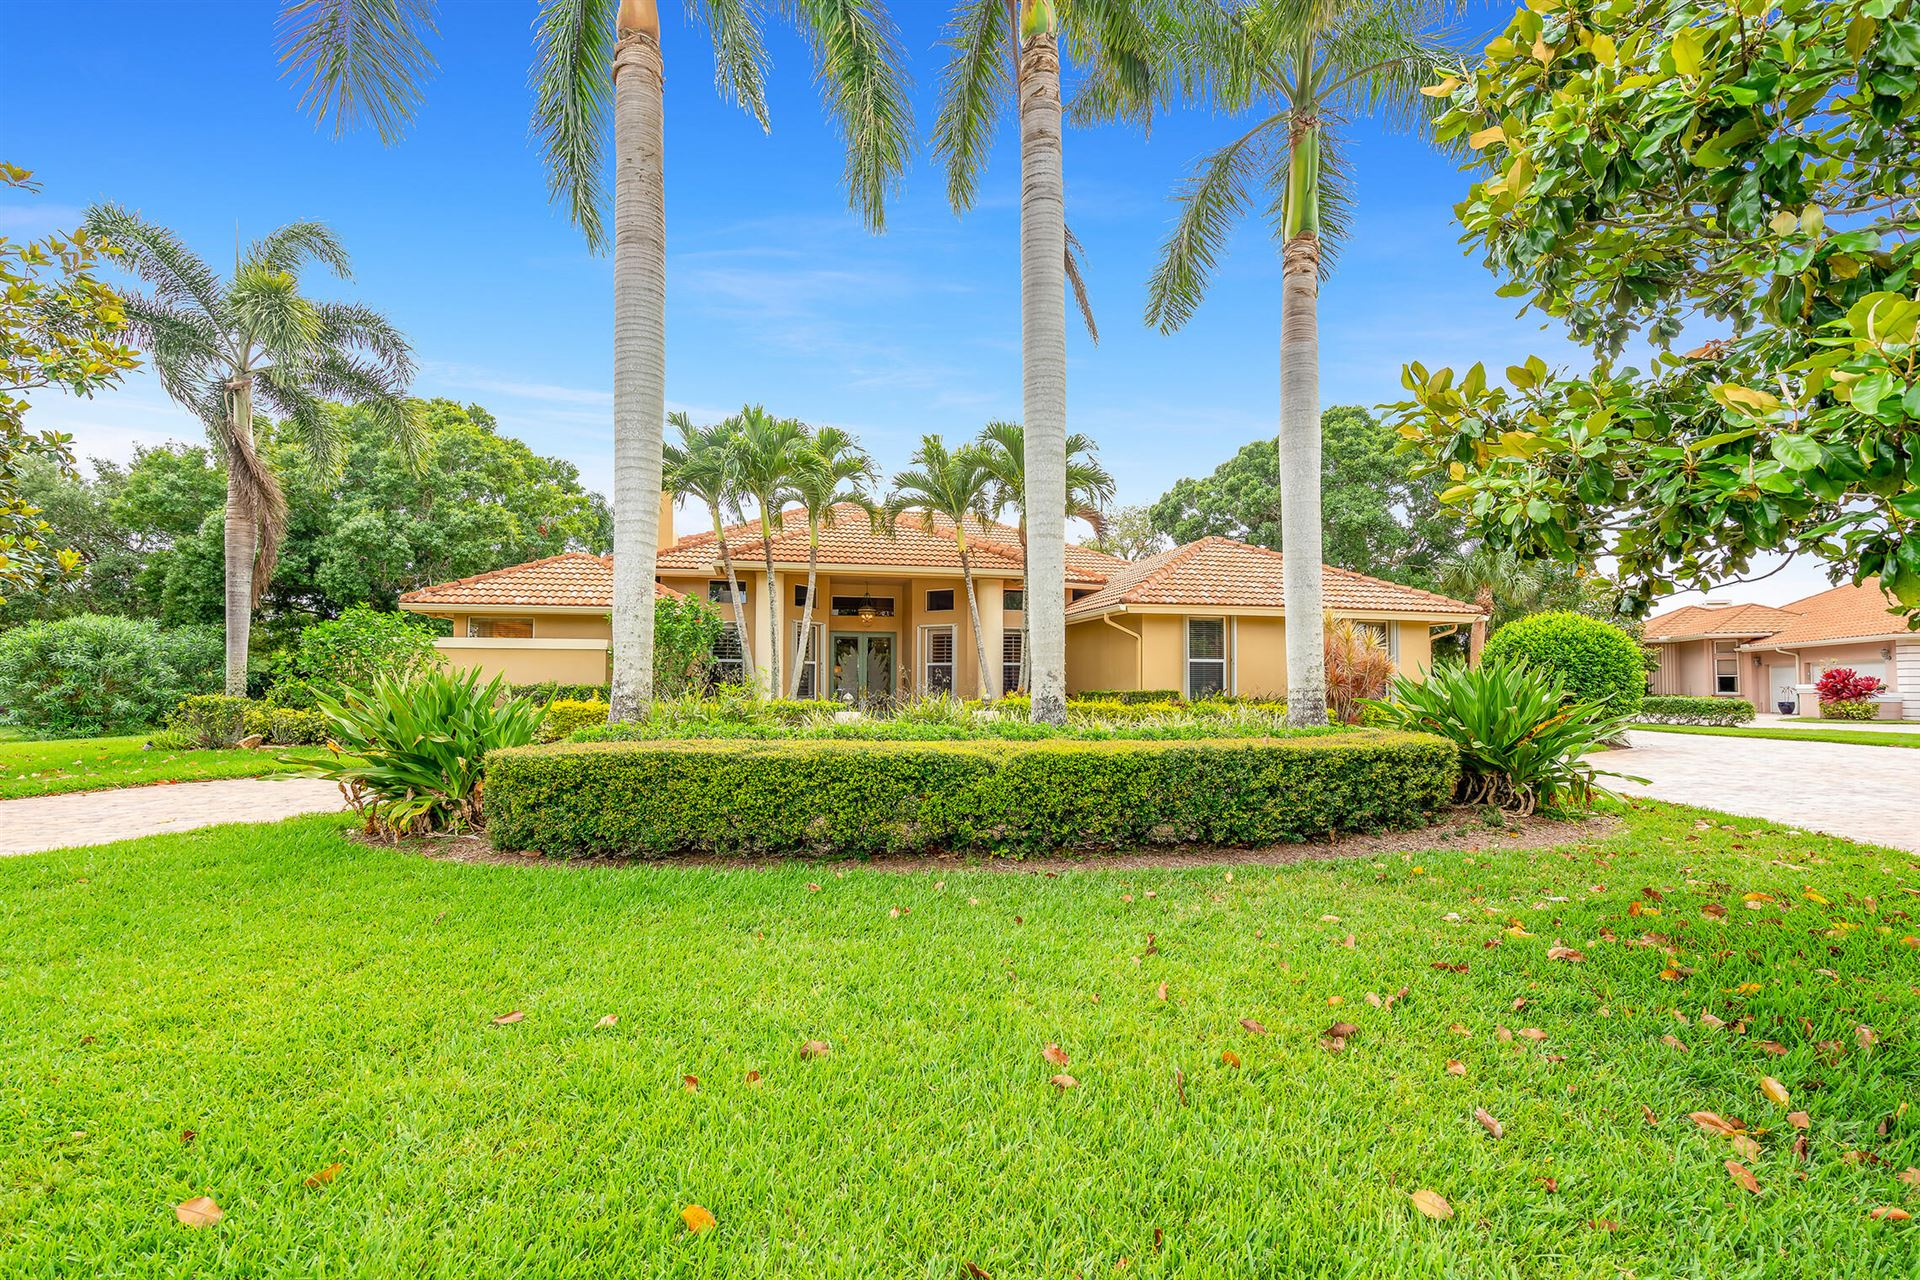 11145 Lands End Chase, Port Saint Lucie, FL 34986 - MLS#: RX-10718731